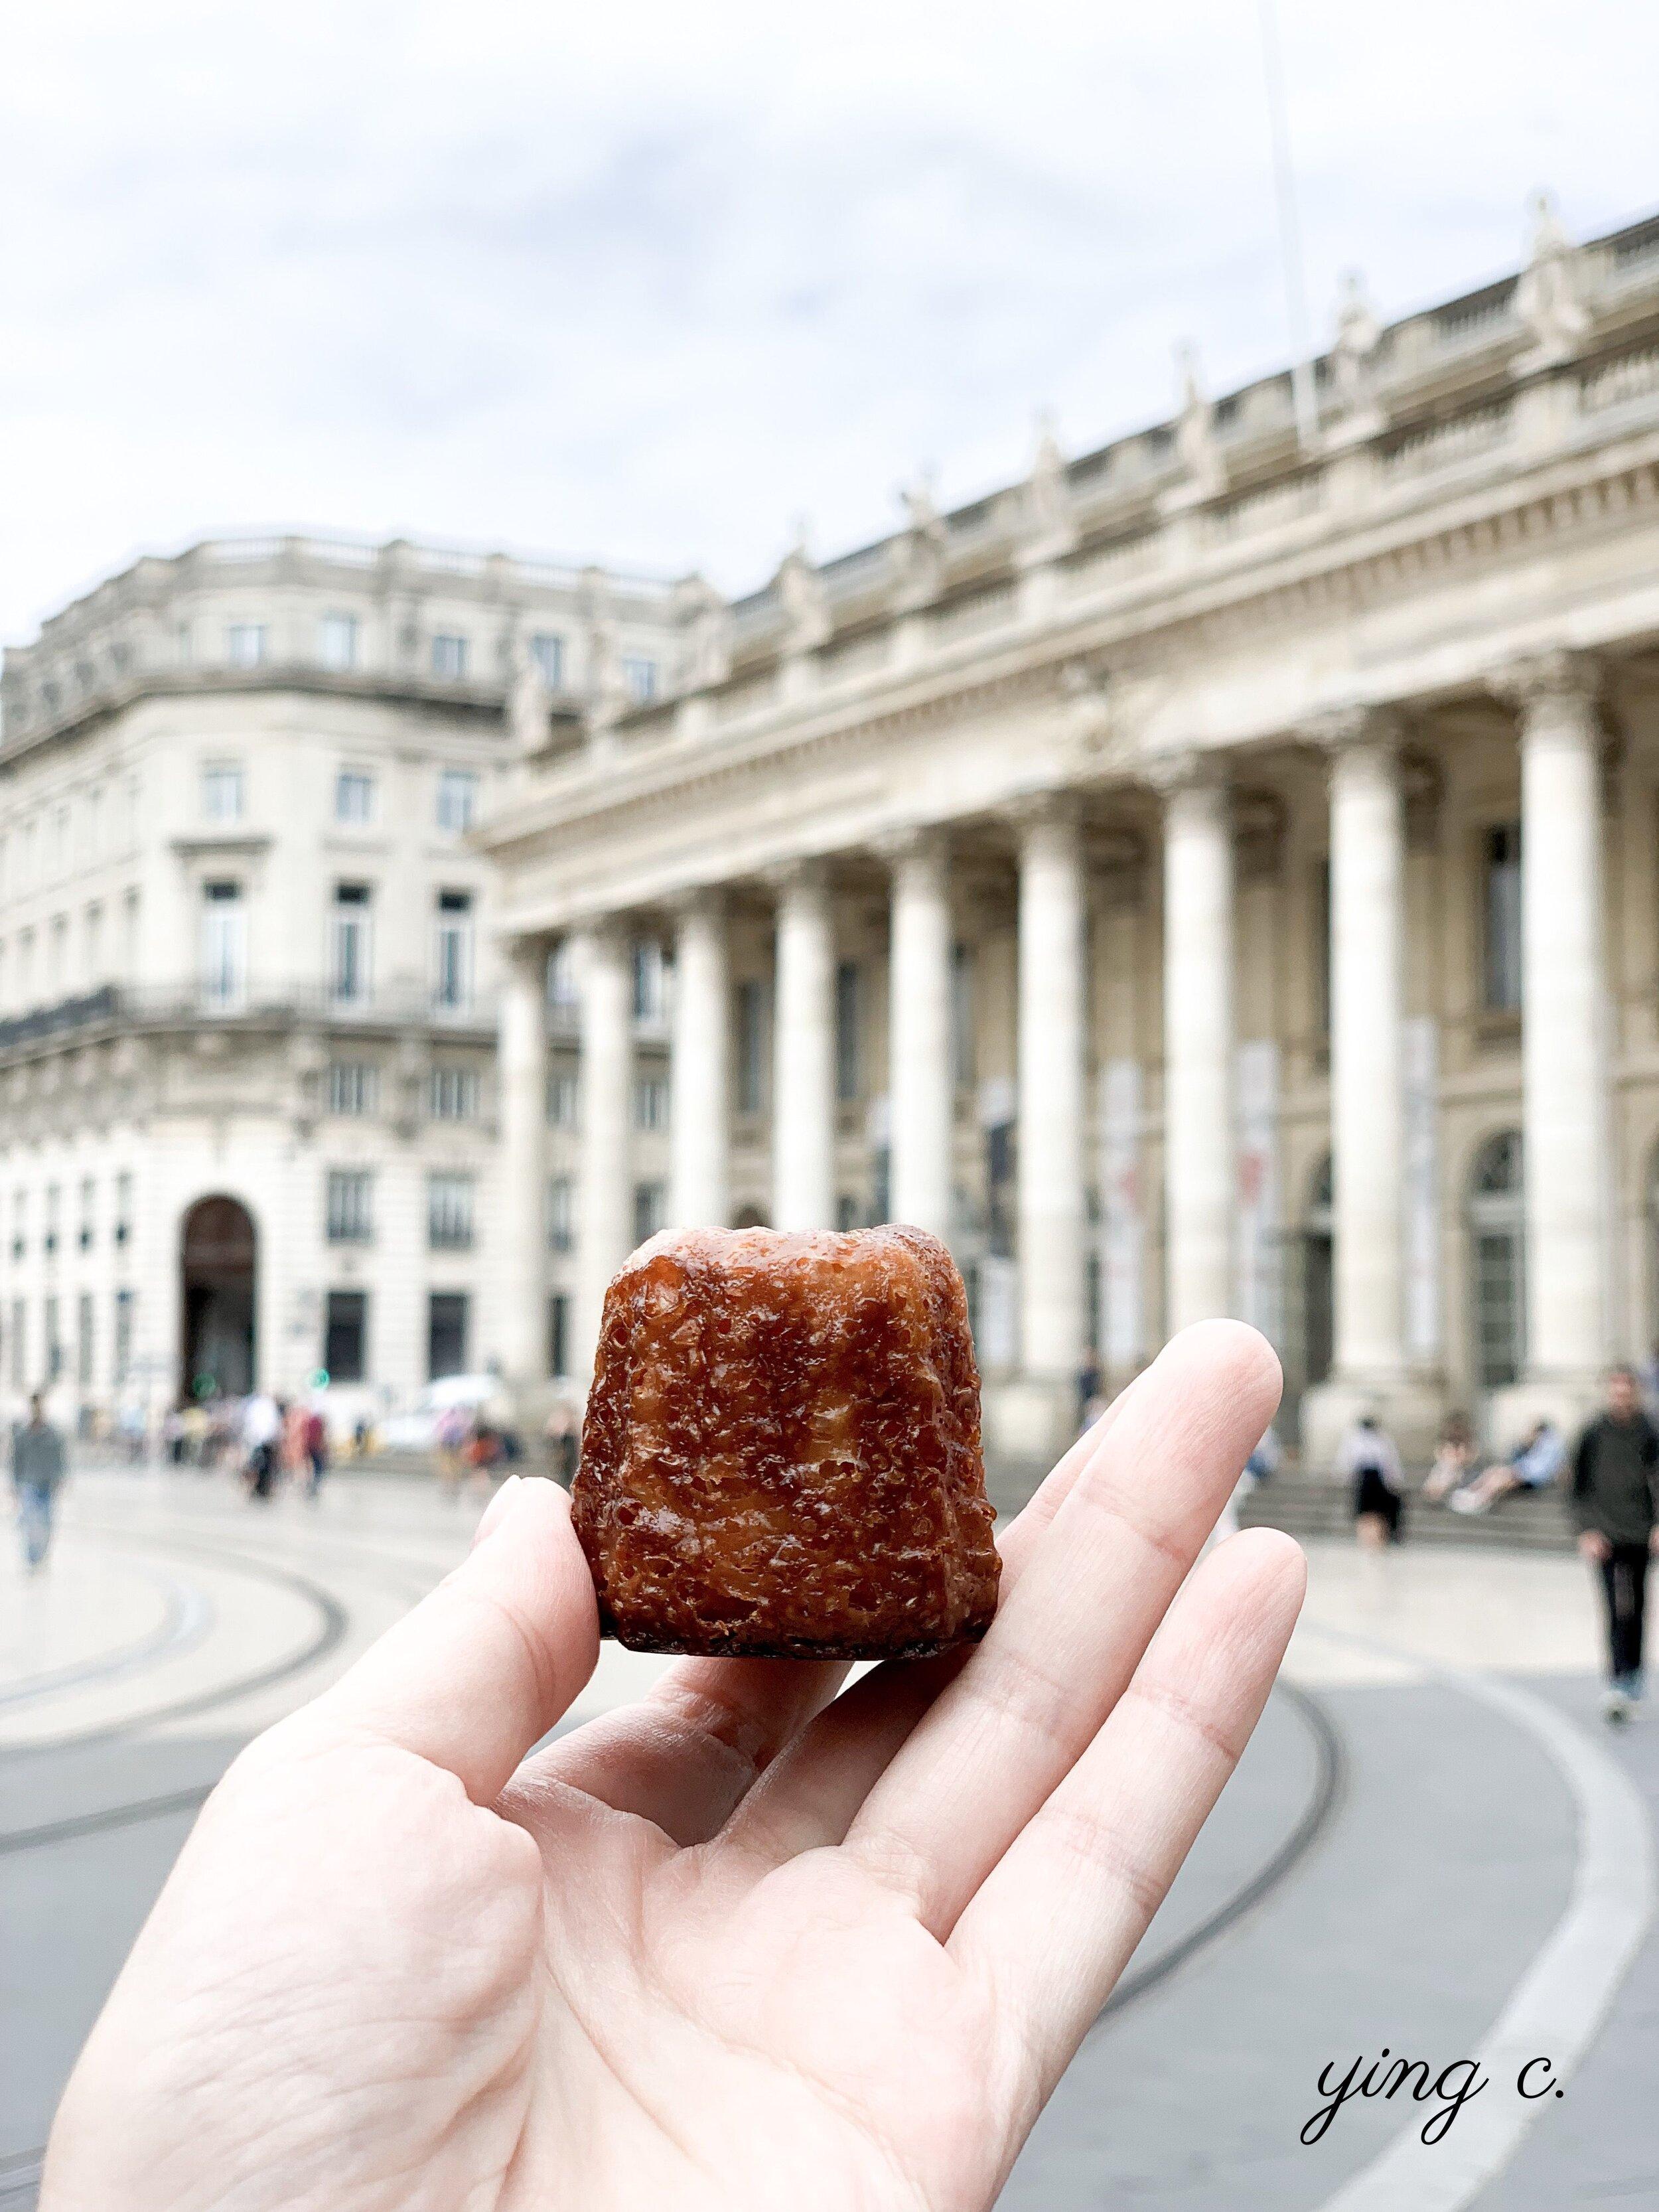 法國波爾多的名產可麗露(canelé),是讓河田主廚重新燃起熱情的甜點。不過因為當時店家拒絕傳授配方,他一直要到數十年之後才真正買到模型、且經過無數次失敗後才成功製作出來。